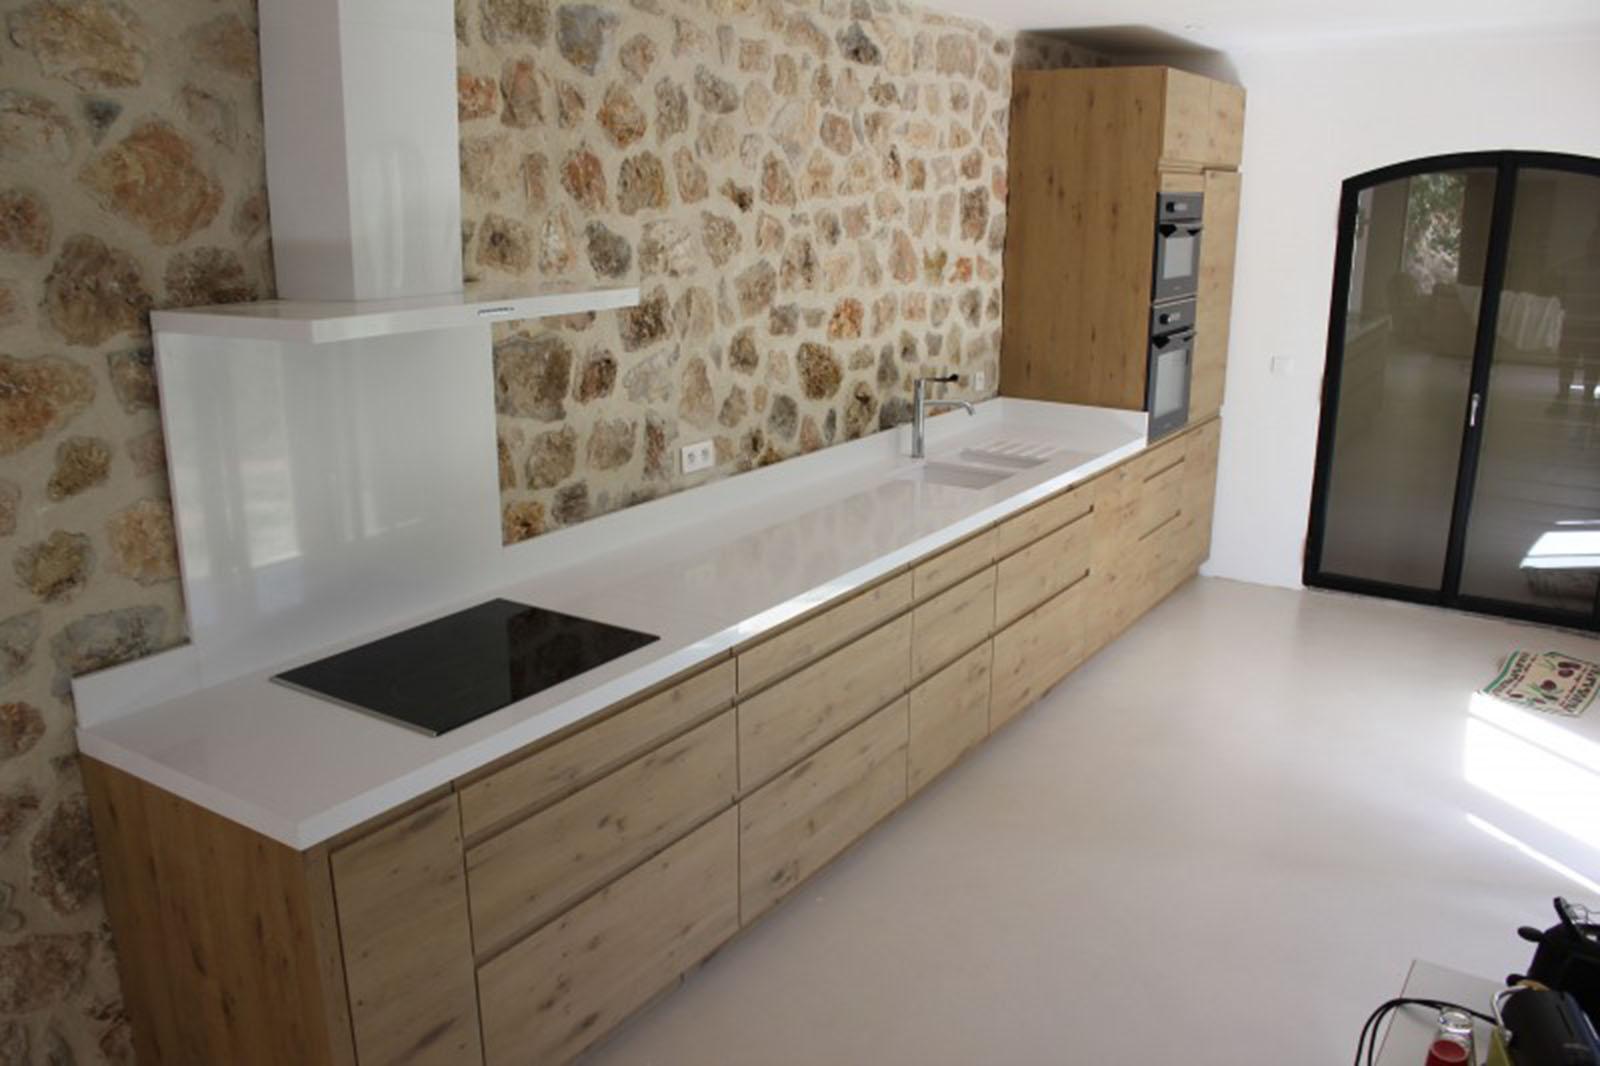 crédit marbrerie-bonaldi - plan-de-travail-cuisine-quartz-blanc-pure-silestone--800x533